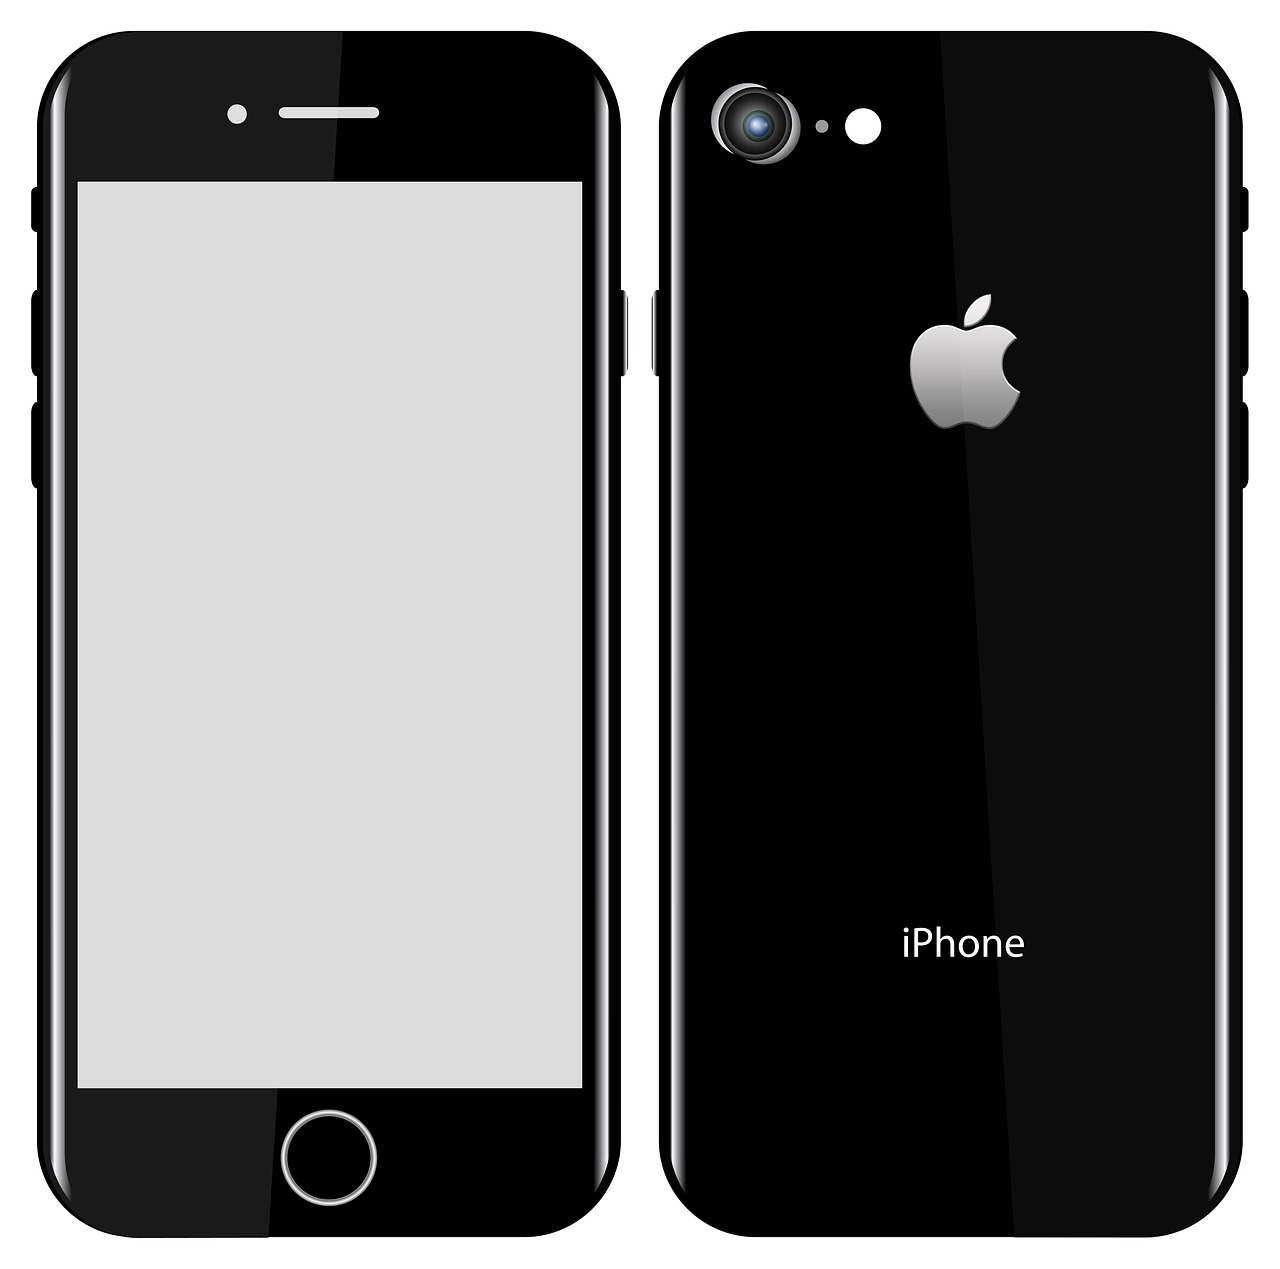 Le guide câblé de l'iPhone